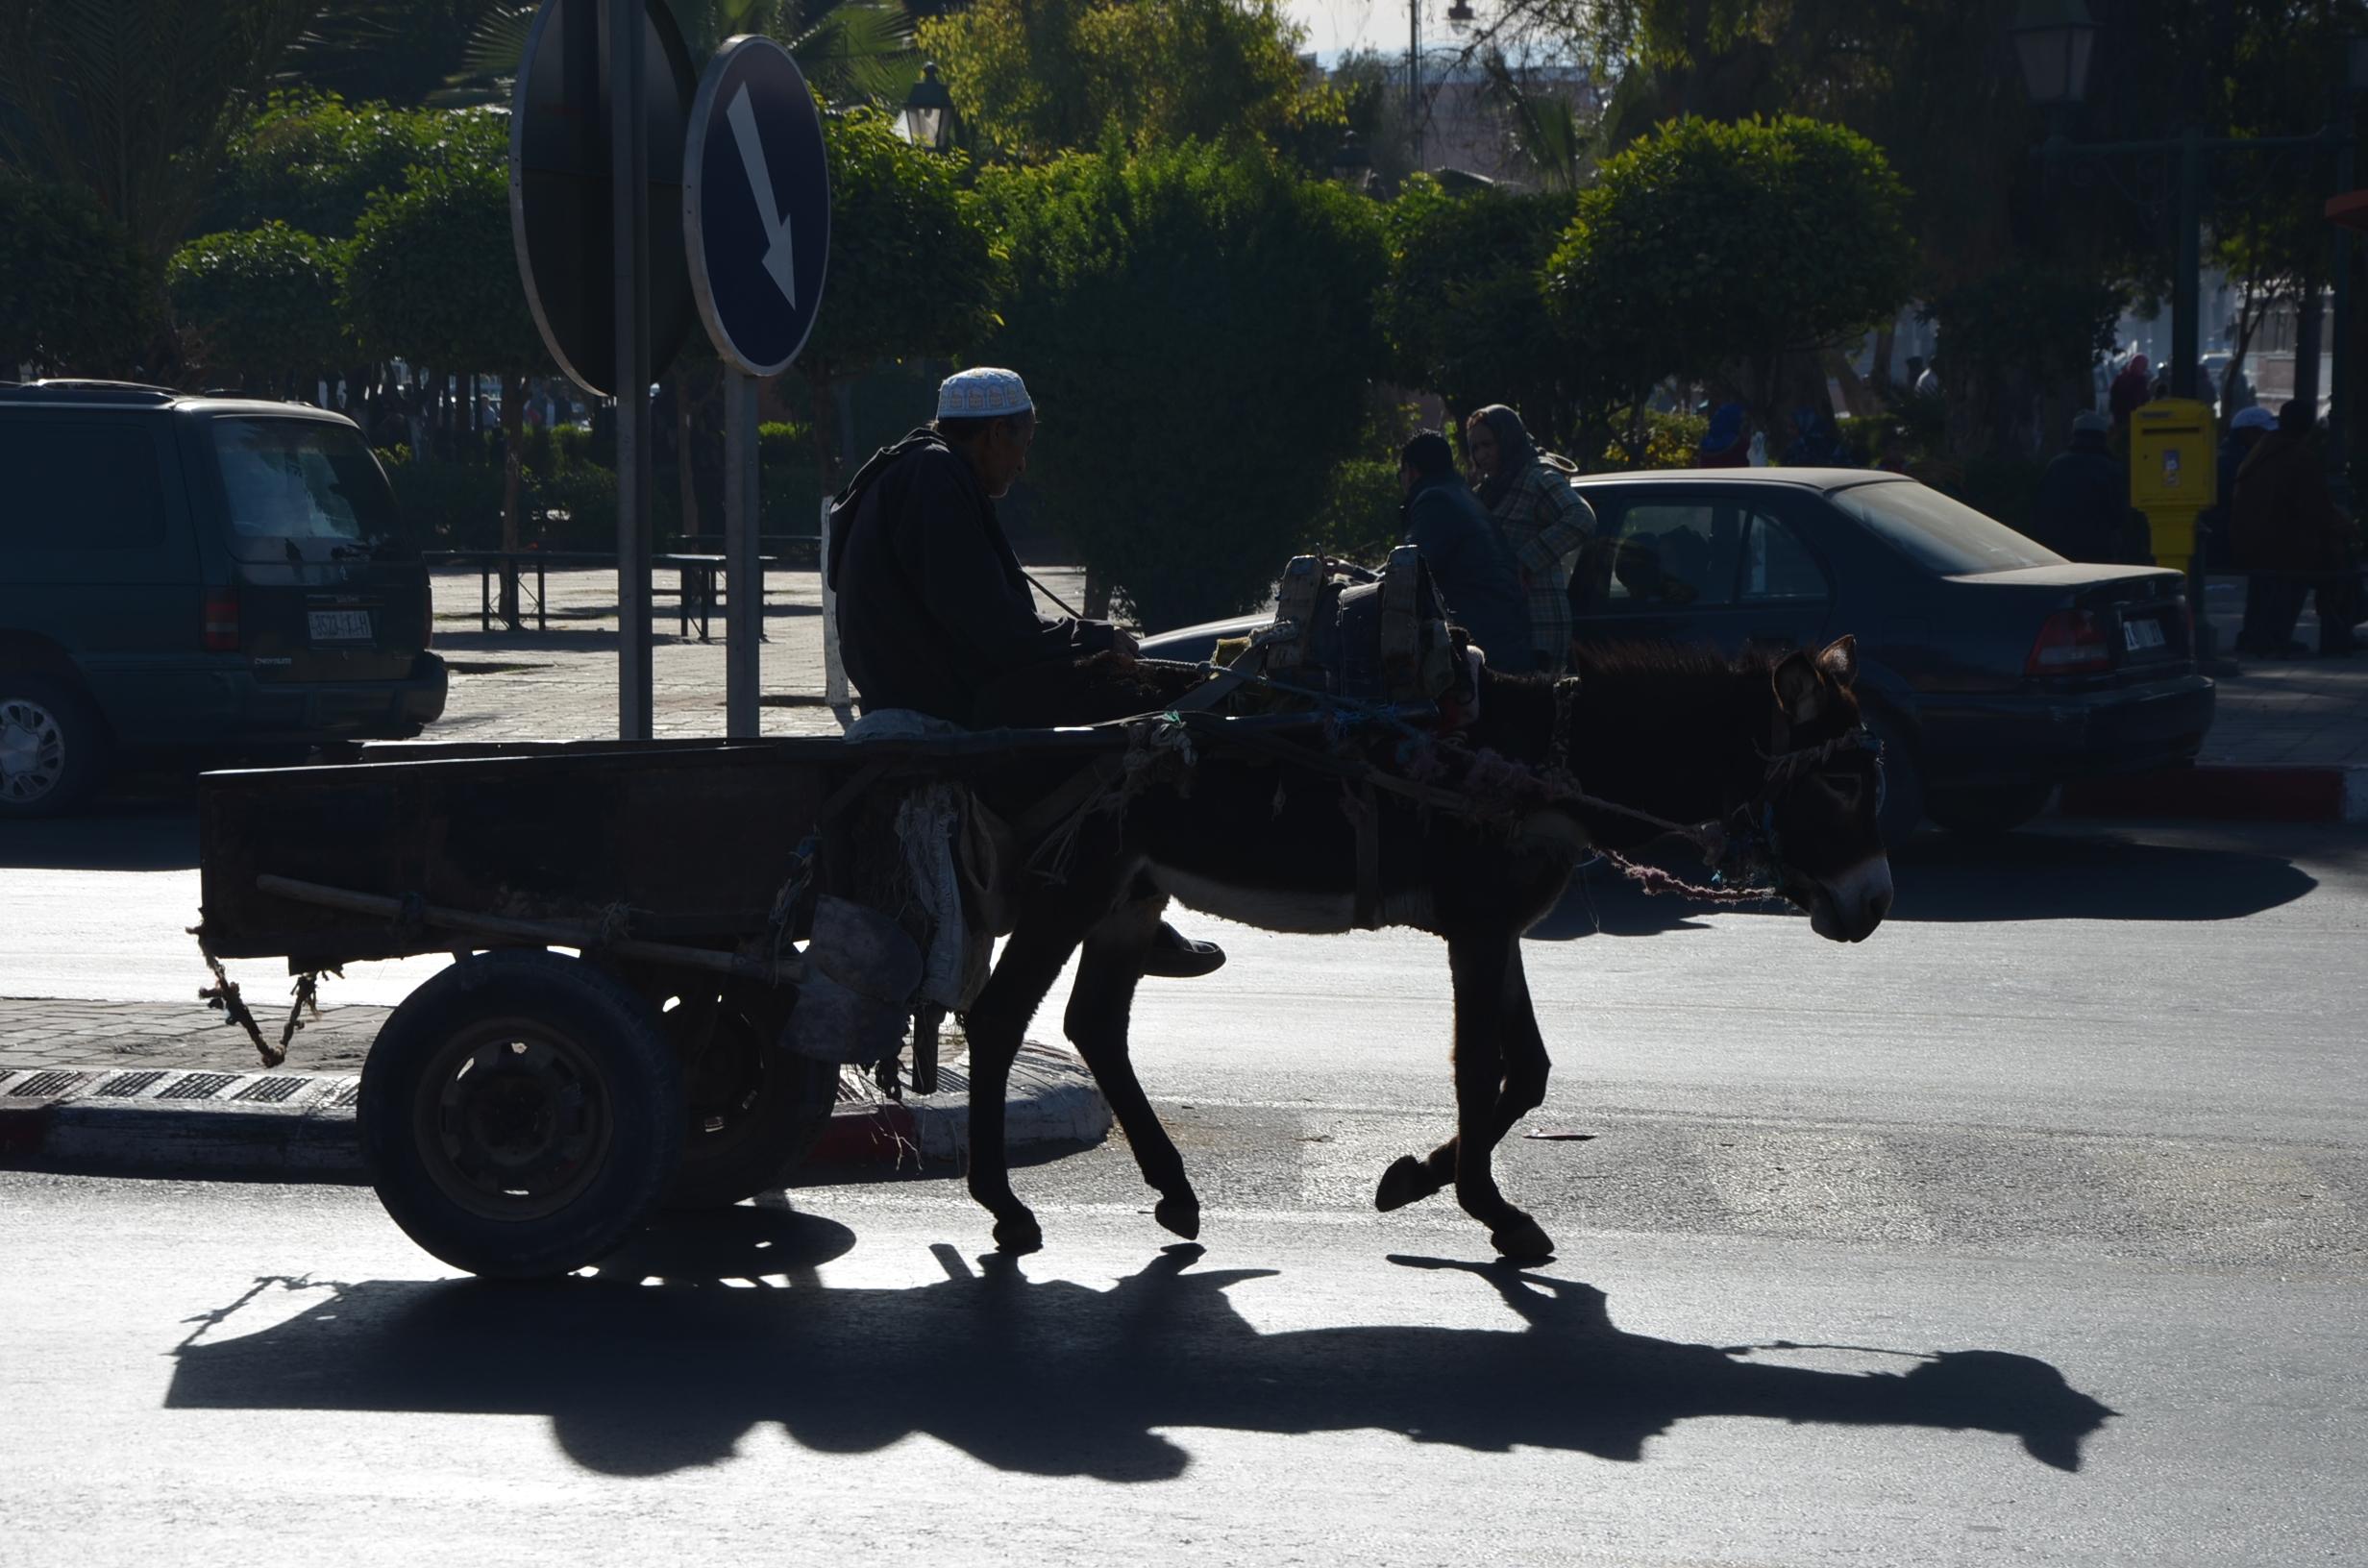 marrakesh transportation!